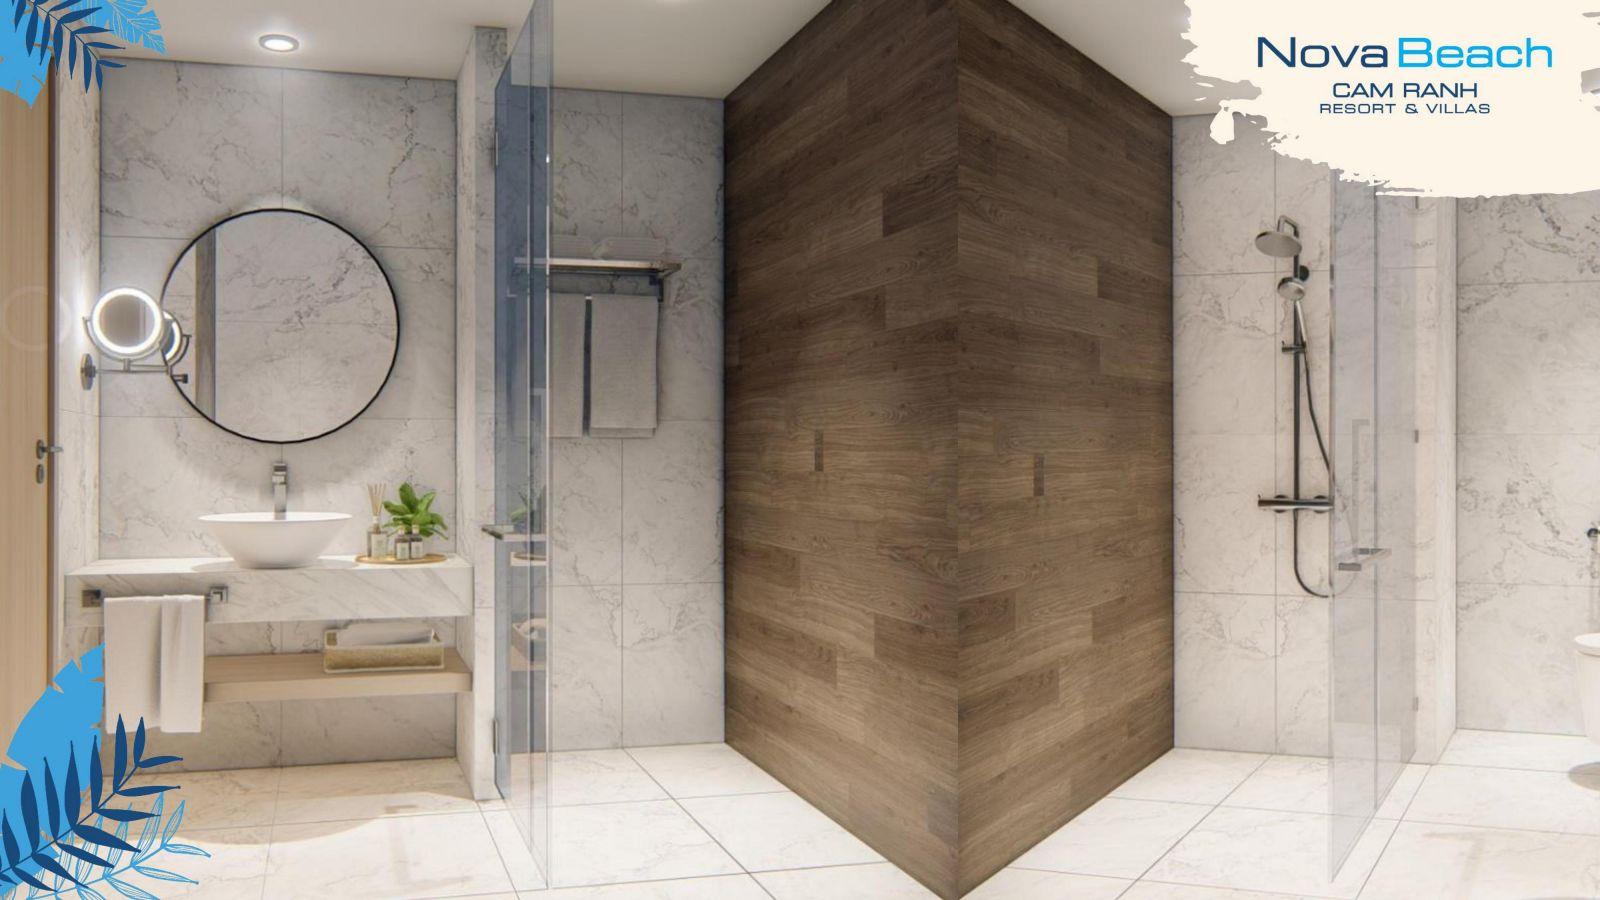 toilet novabeach cam ranh resort villa